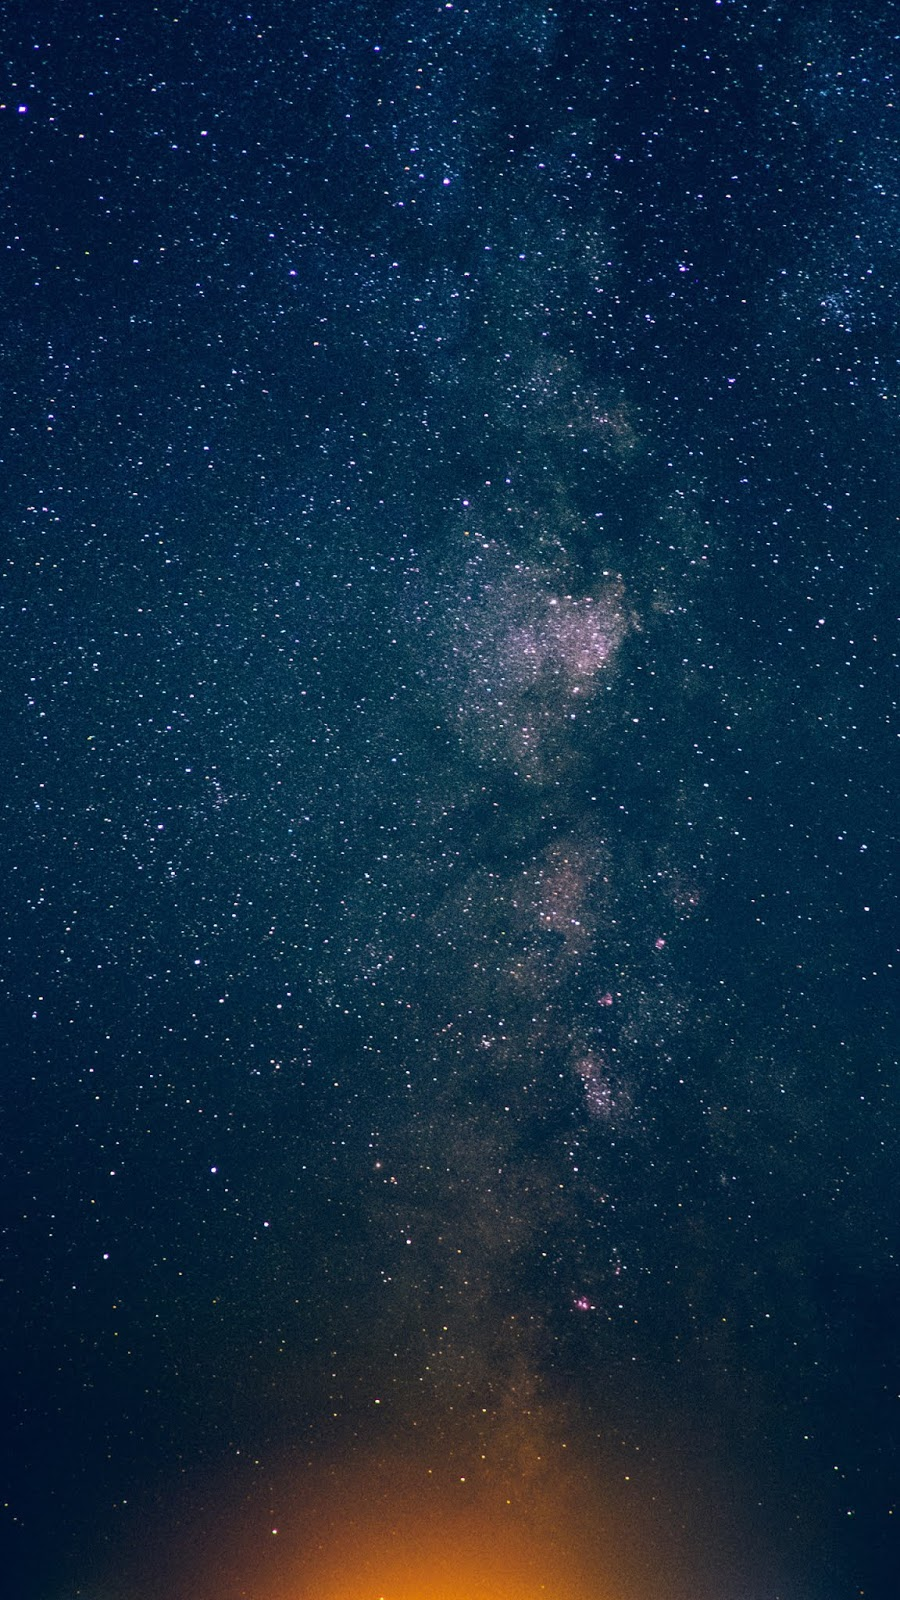 Đêm đầy sao